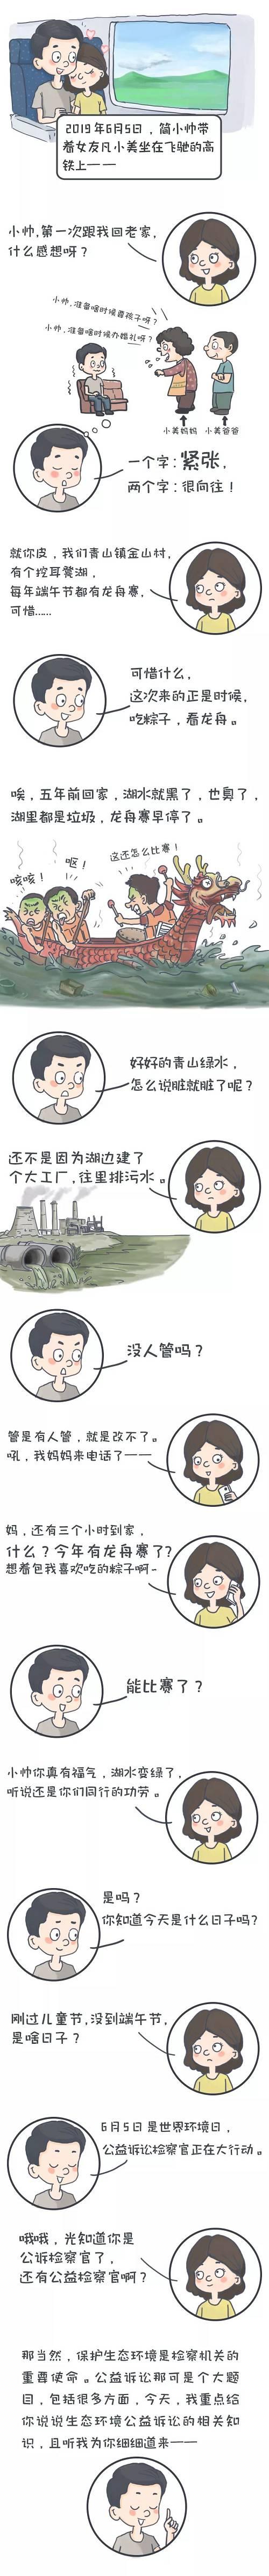 """【漫画】今天,我们聊聊""""挖耳凳湖""""龙舟赛与检察官有啥关系?"""